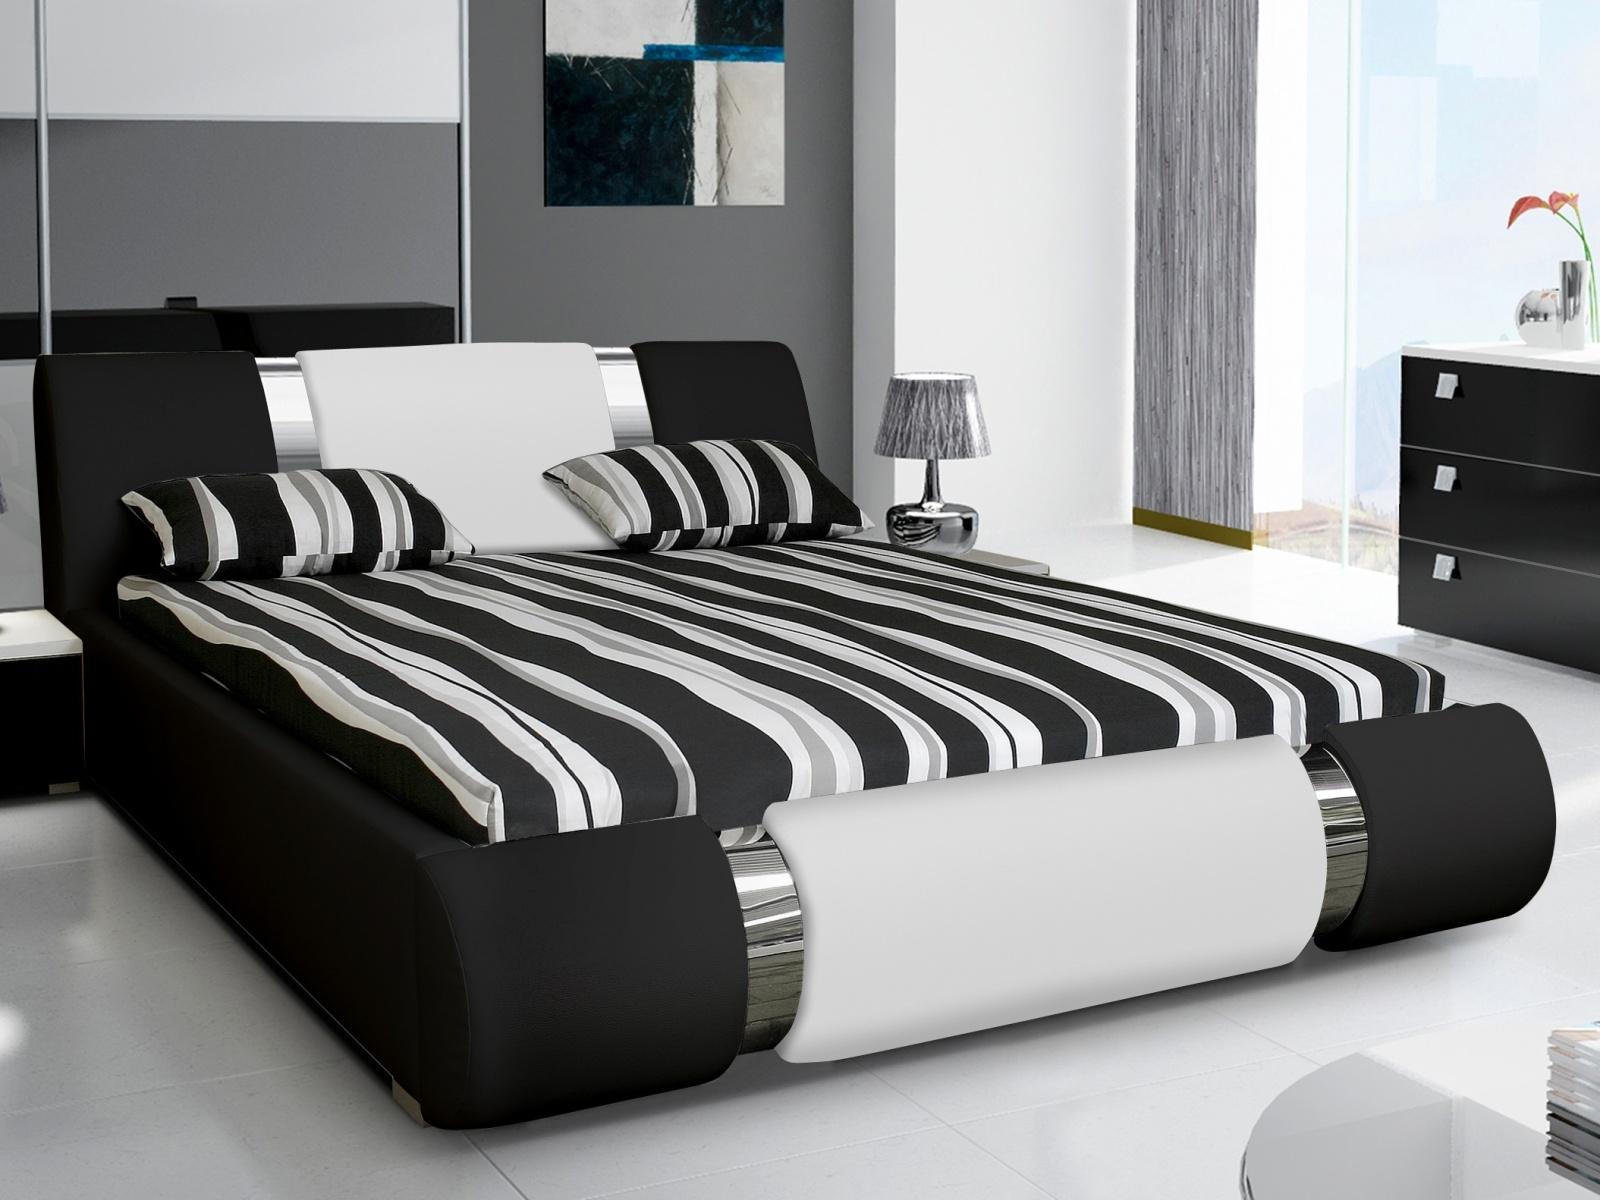 Smartshop Čalouněná postel RIVA II 160x200 cm, bílá ekokůže/černá ekokůže